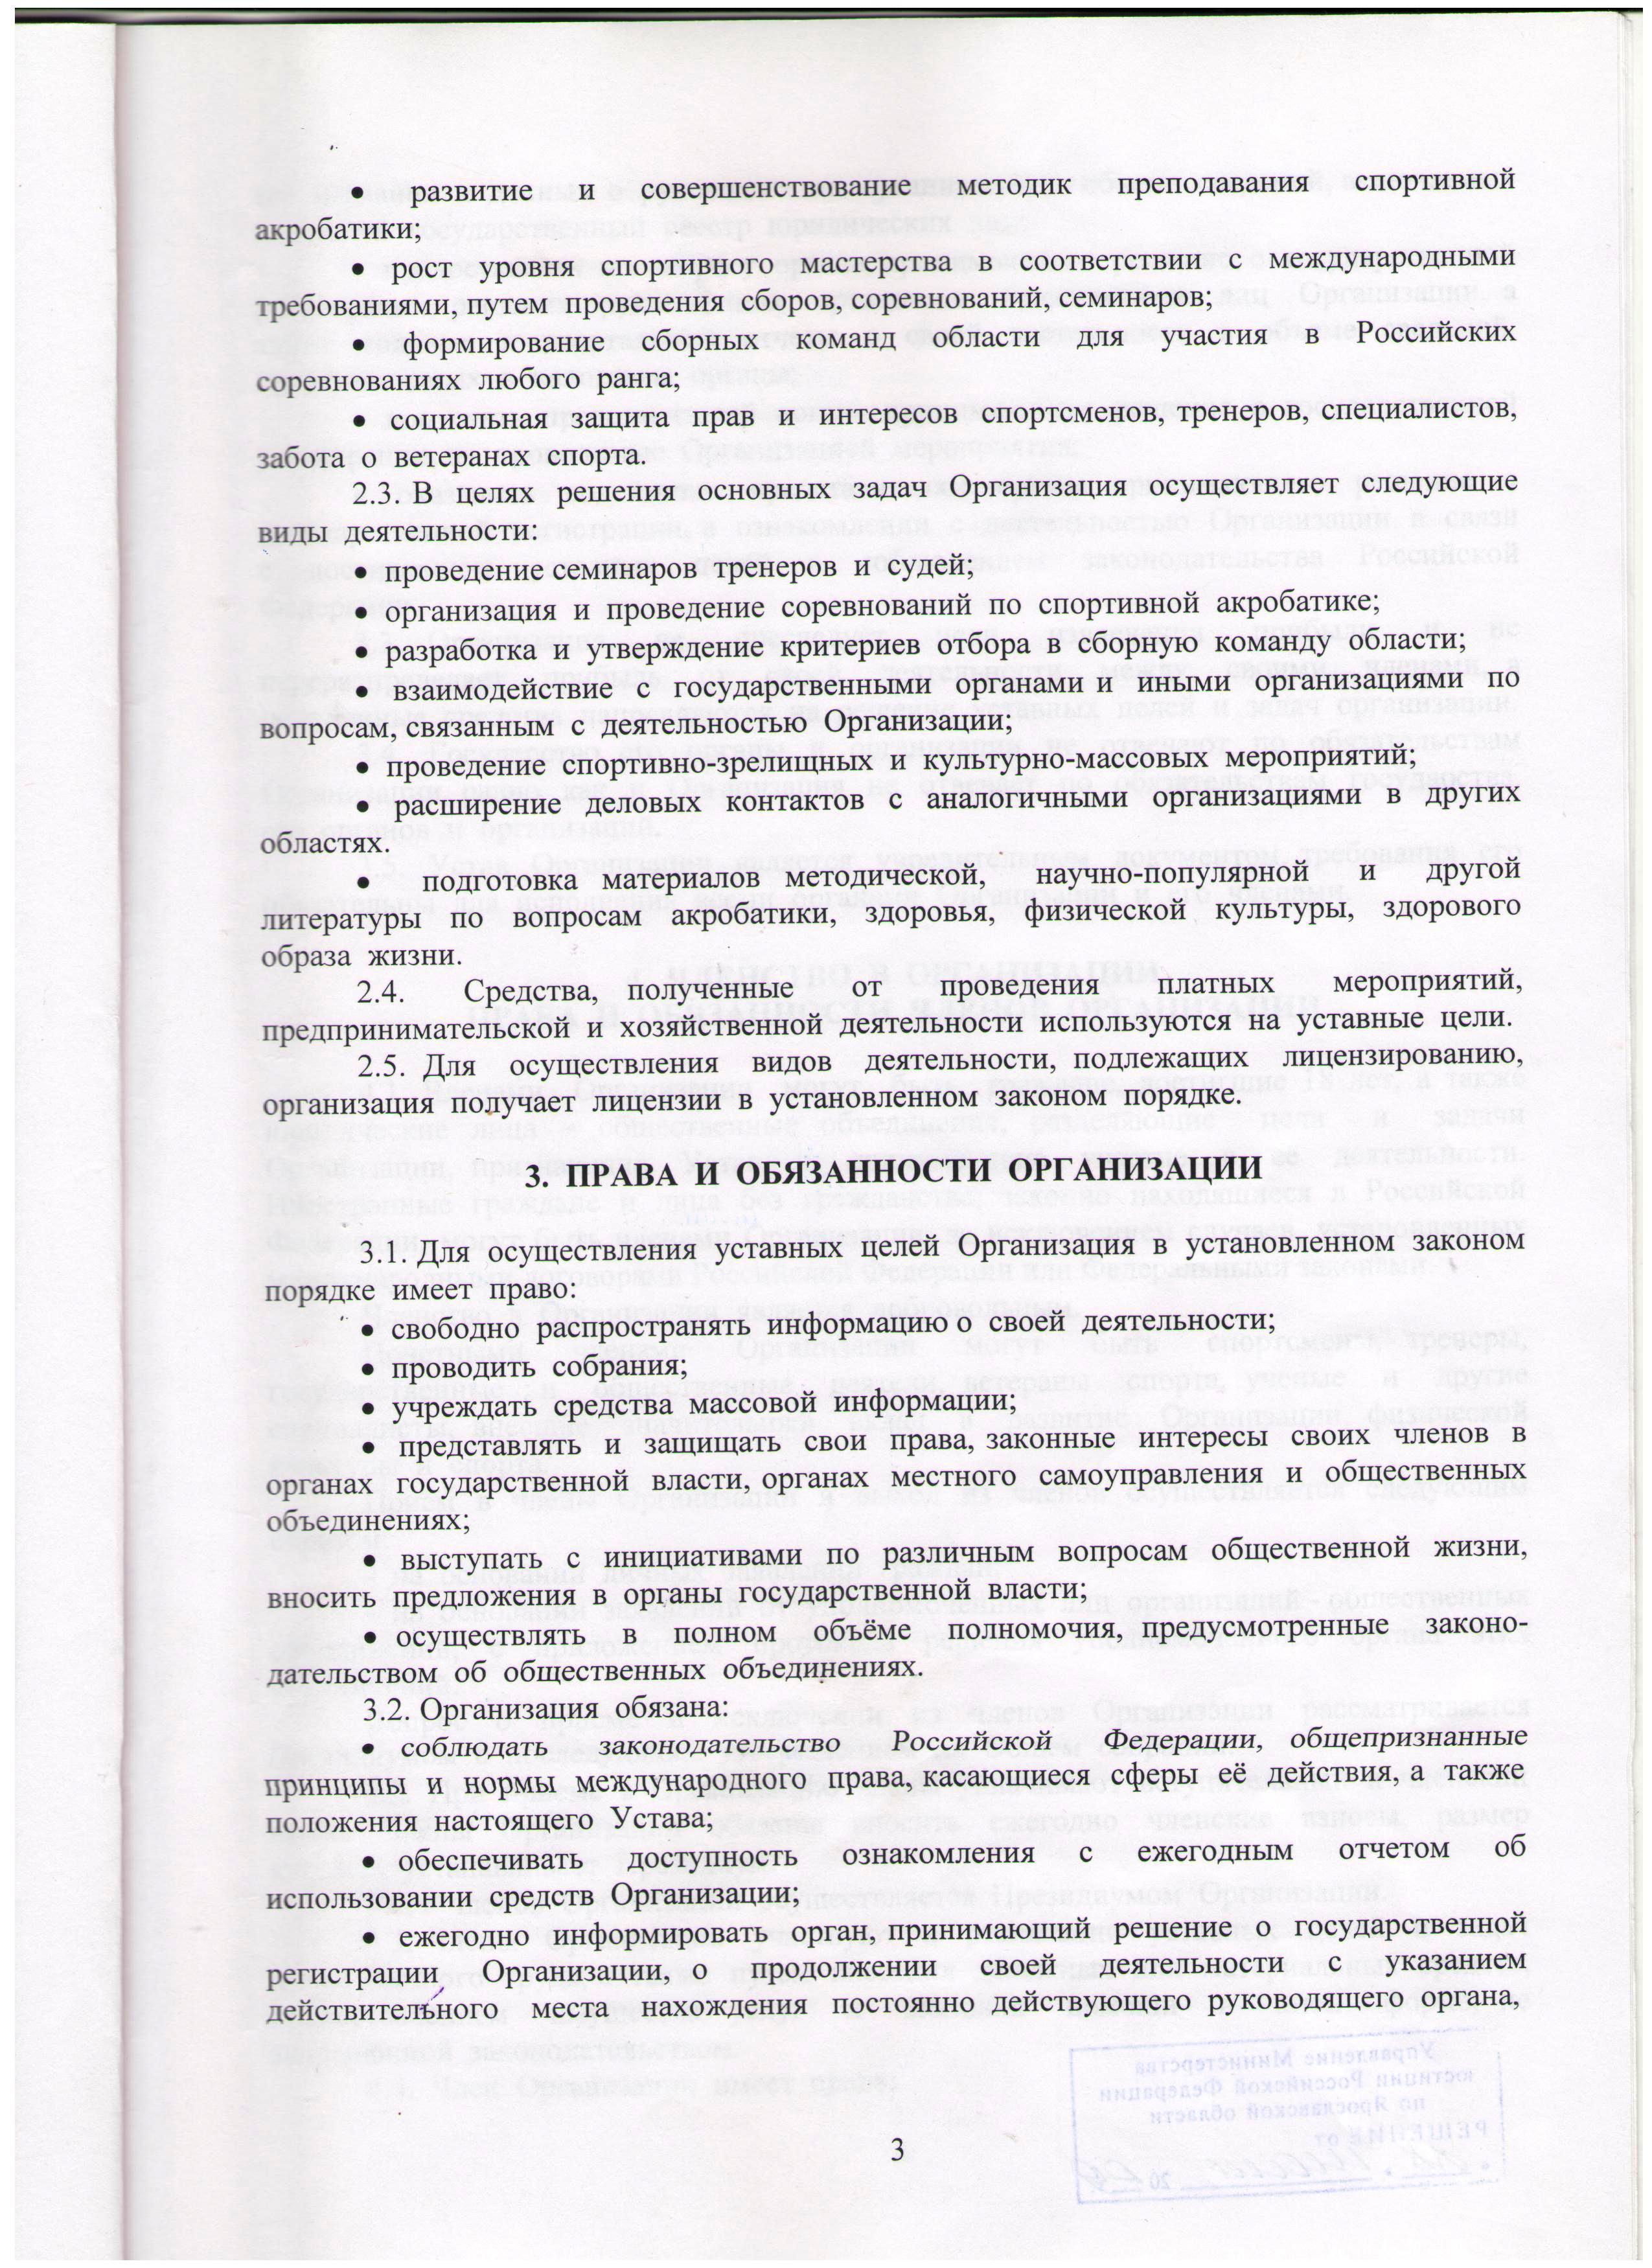 Устав ФСА ЯО 003